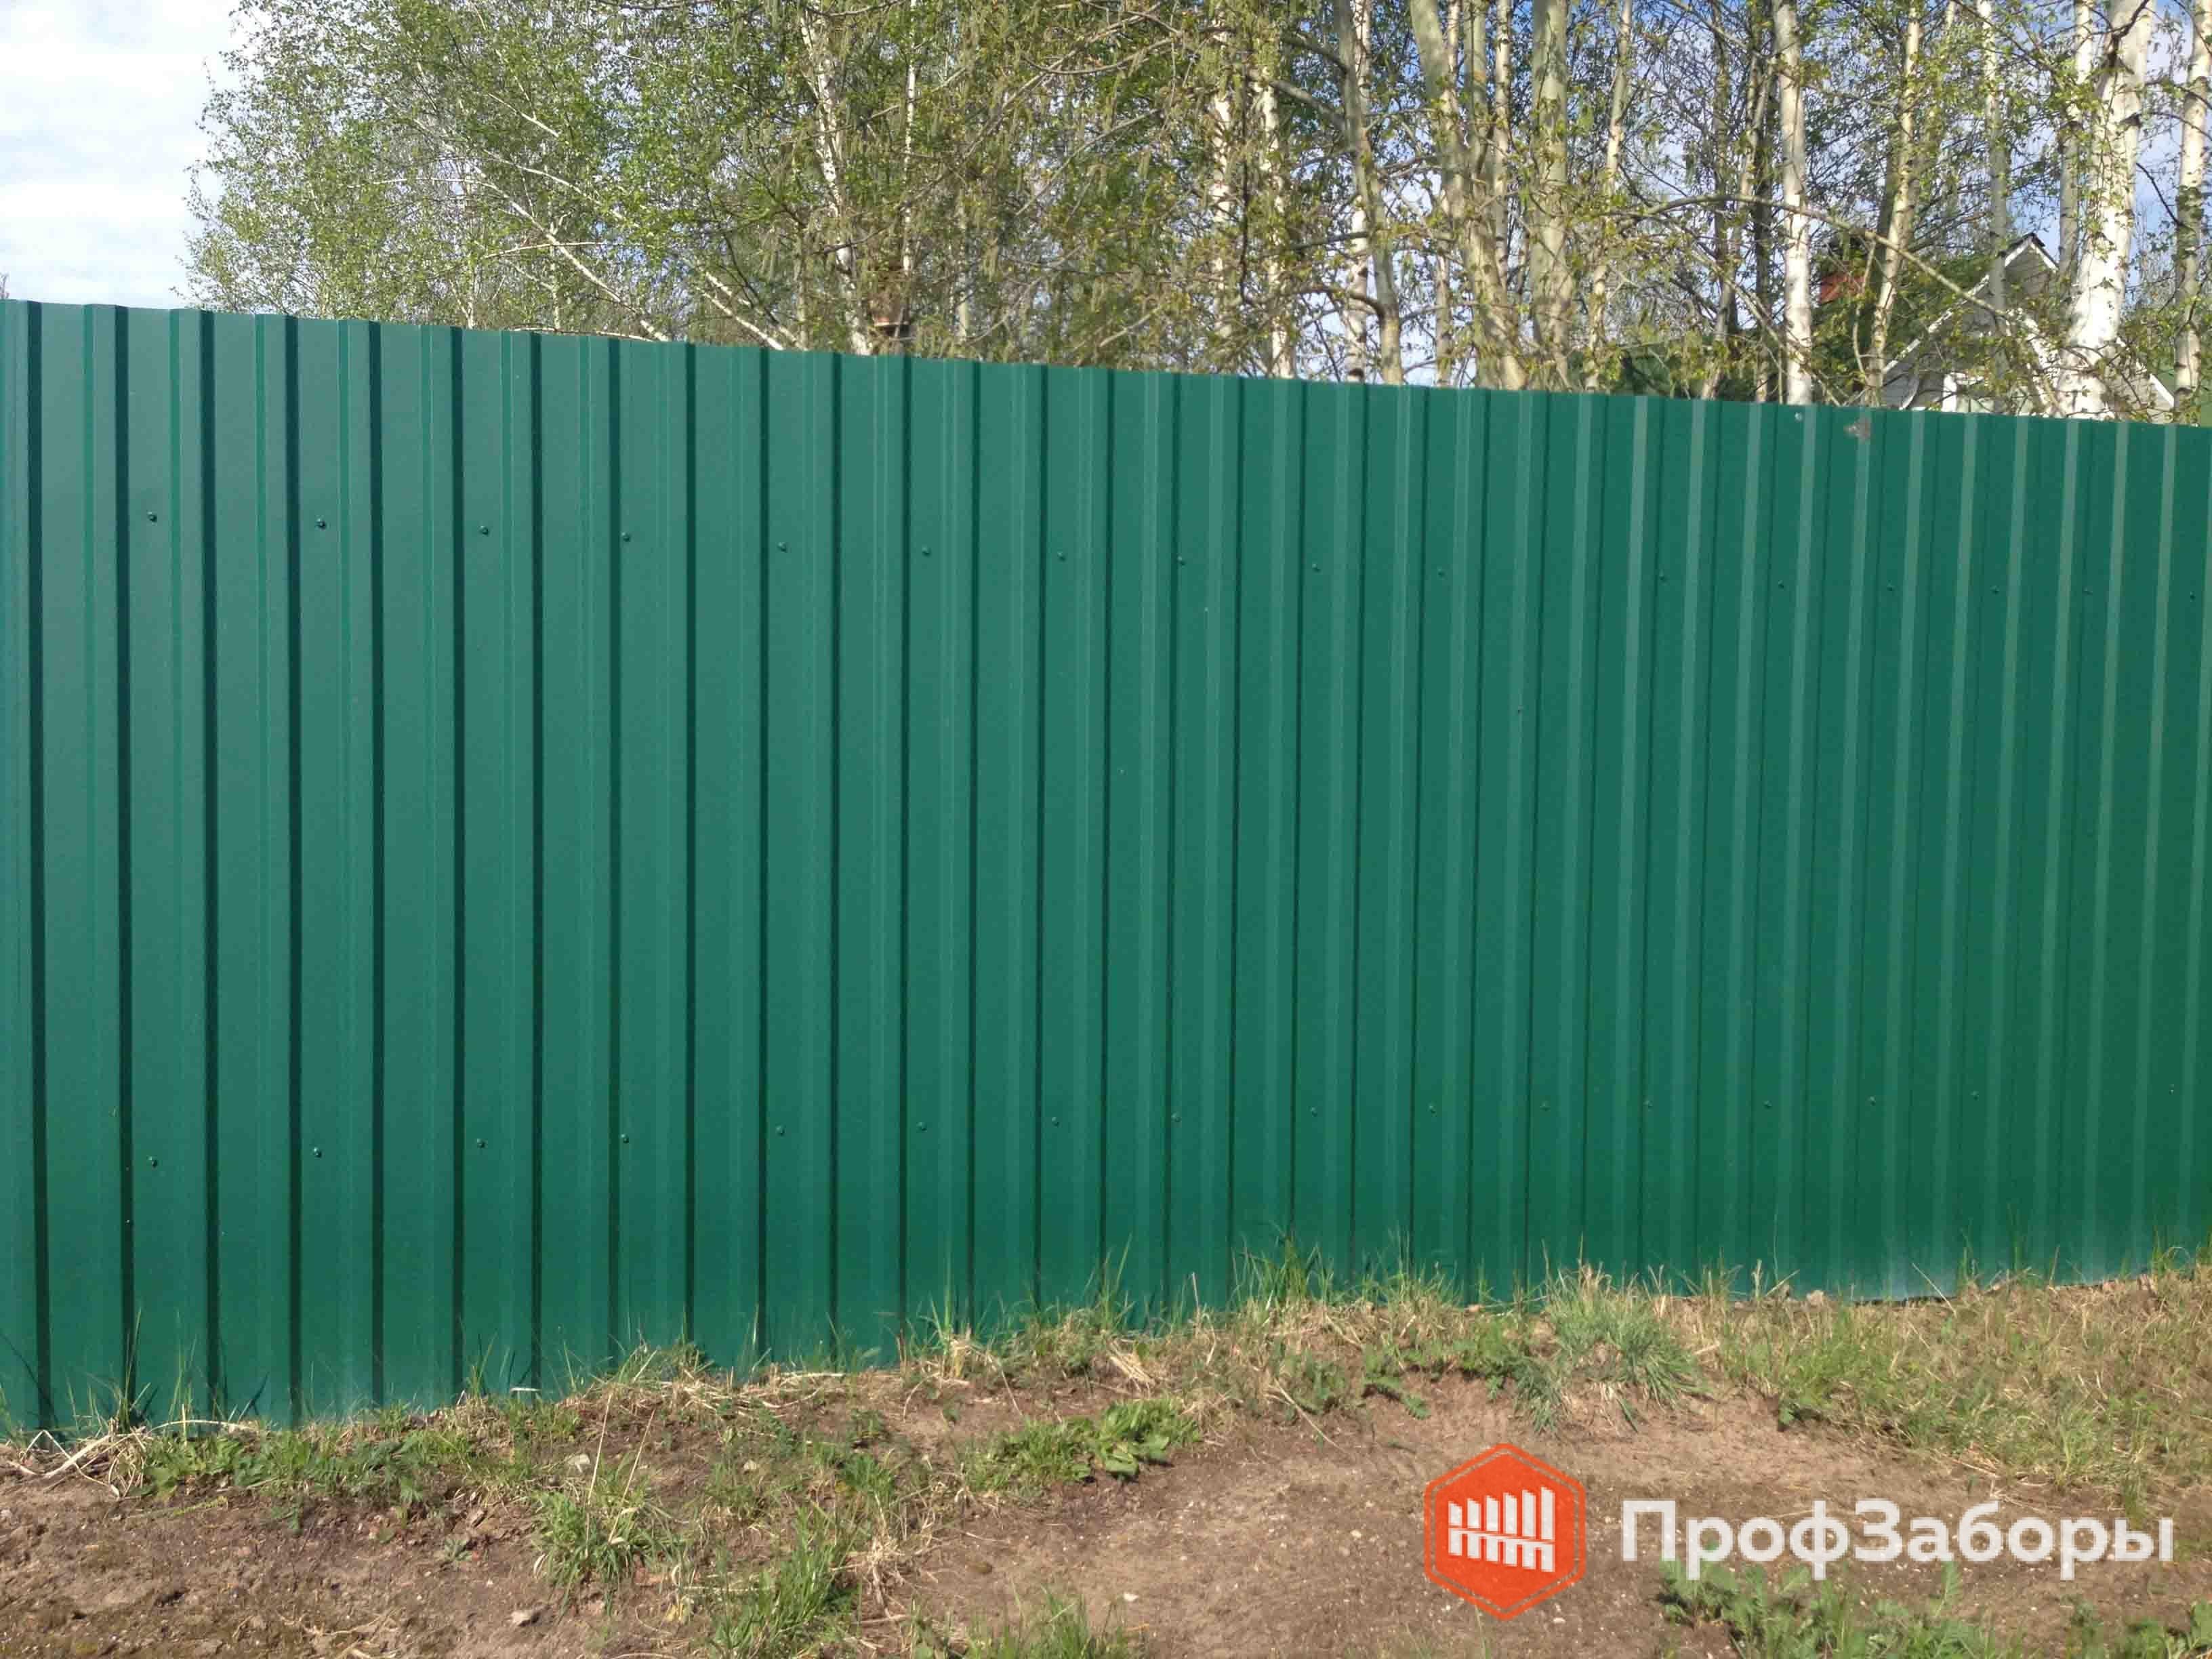 Заборы Из профнастила  - Рязанская область. Фото 2